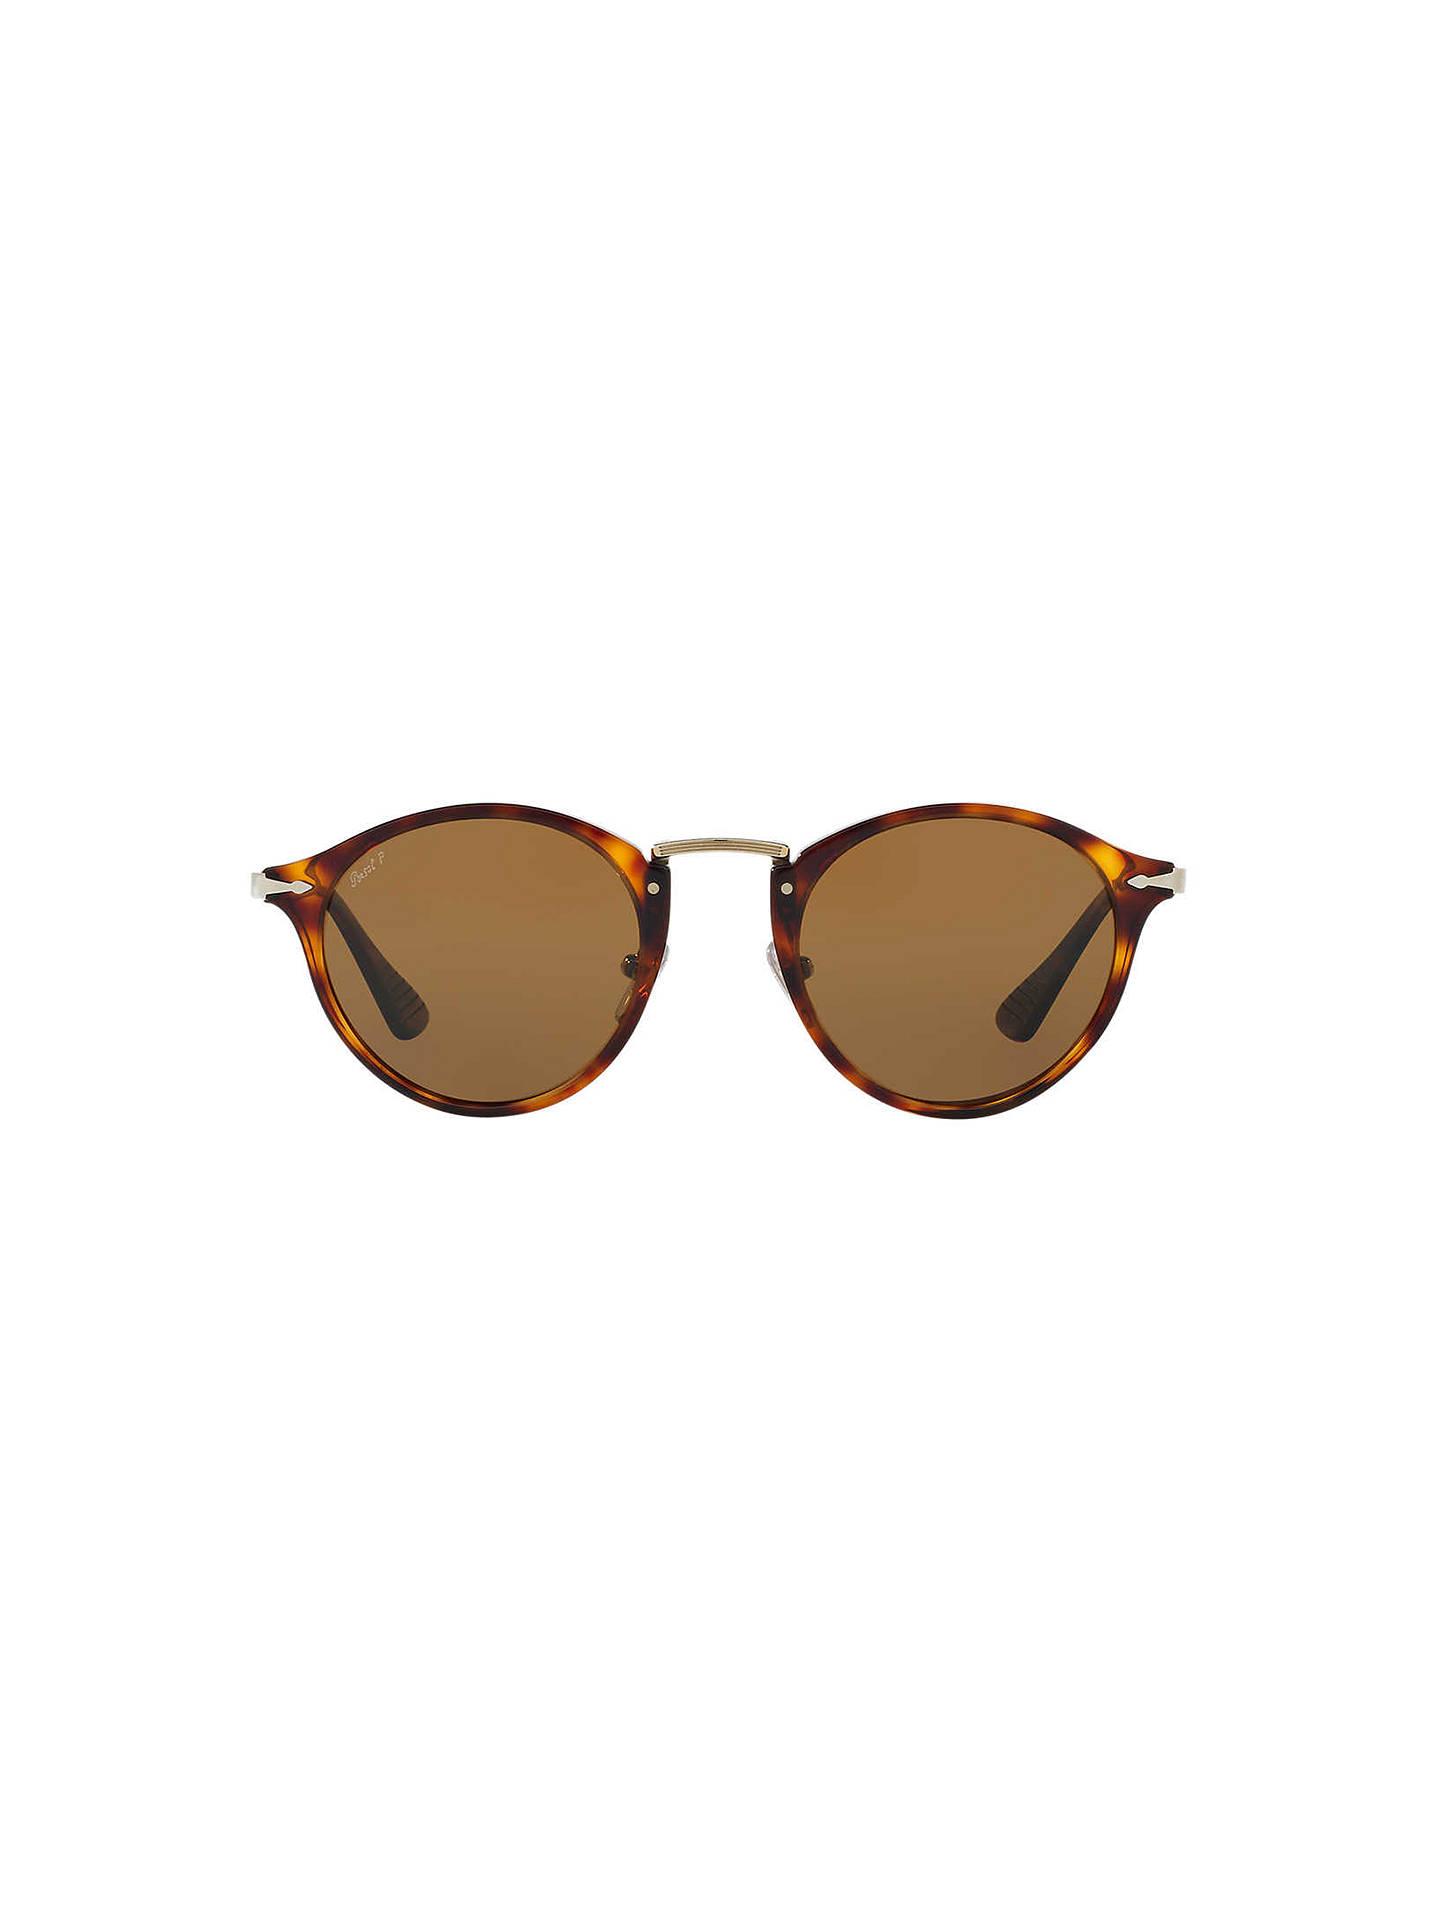 f7a9ce44bd32e ... Buy Persol PO3166S Calligrapher Edition Polarised Oval Sunglasses